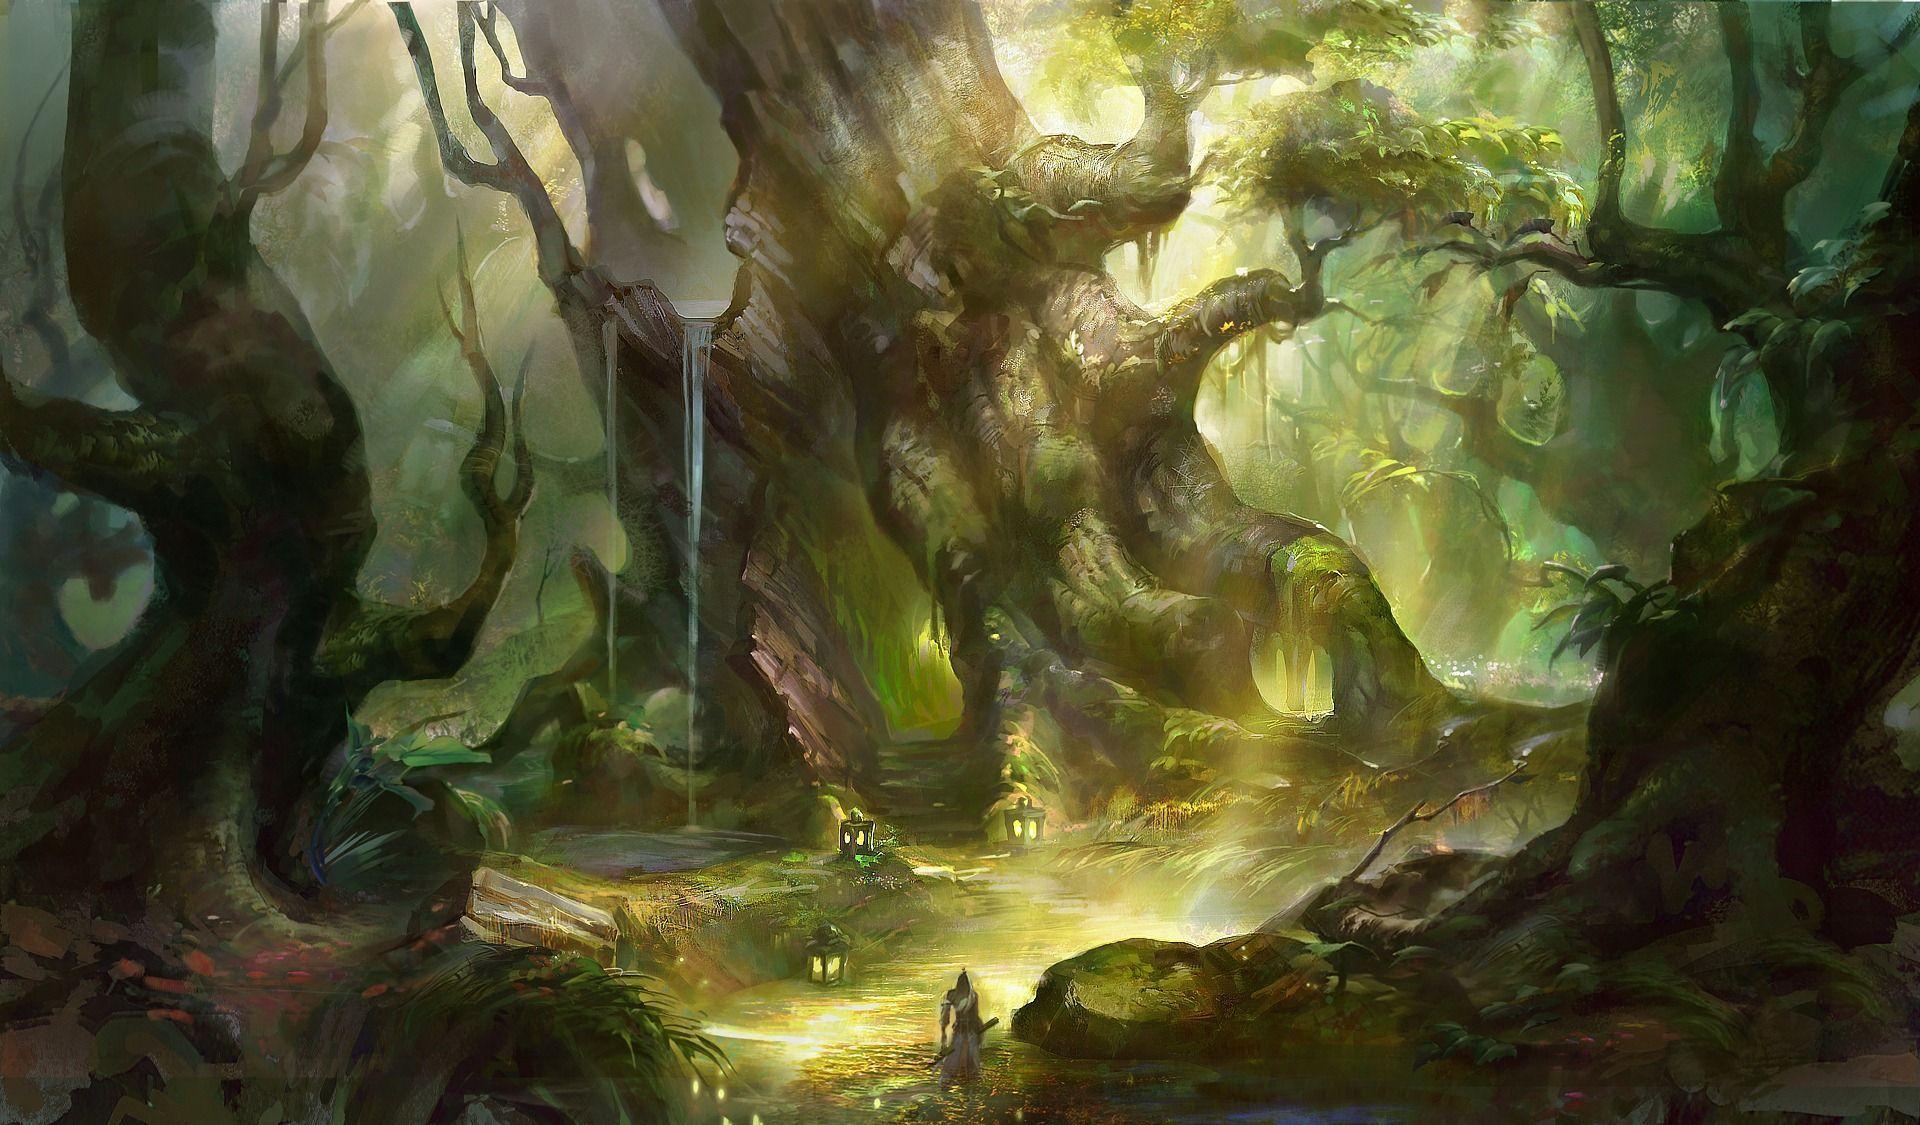 Hình nền Khu rừng tưởng tượng 1920x1125.  Rừng tưởng tượng, Hình nền rừng, tưởng tượng